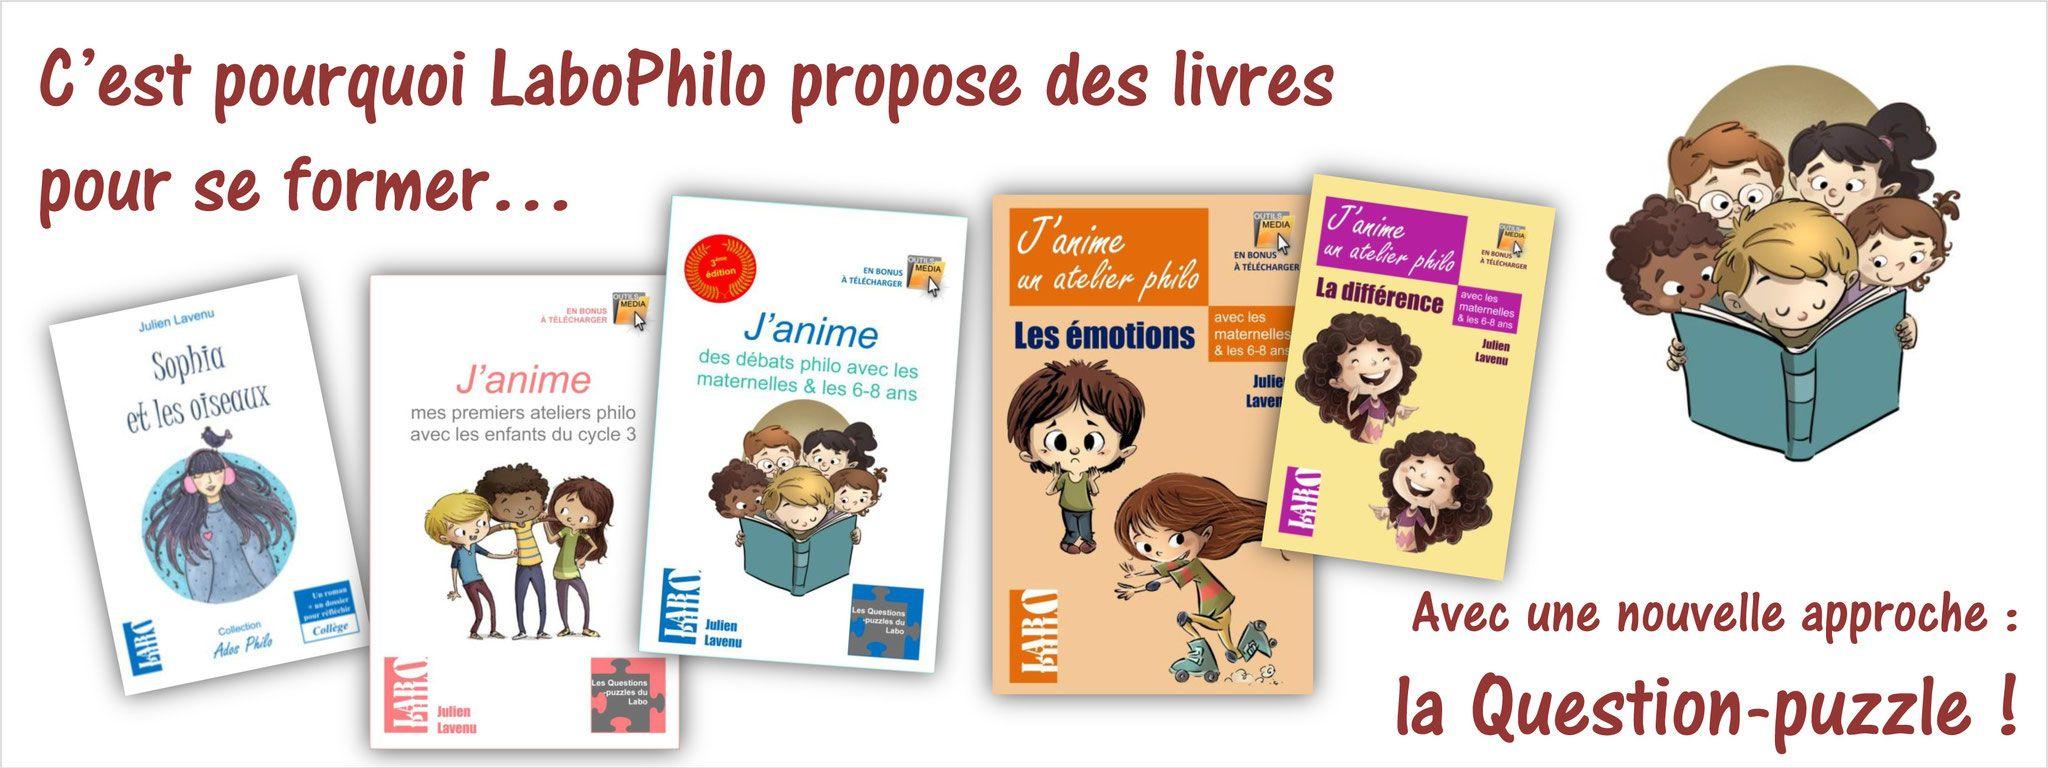 Labo Philo Philosophie Et Pedagogie Site De Labophilo Education Bienveillante Education Positive Pedagogie